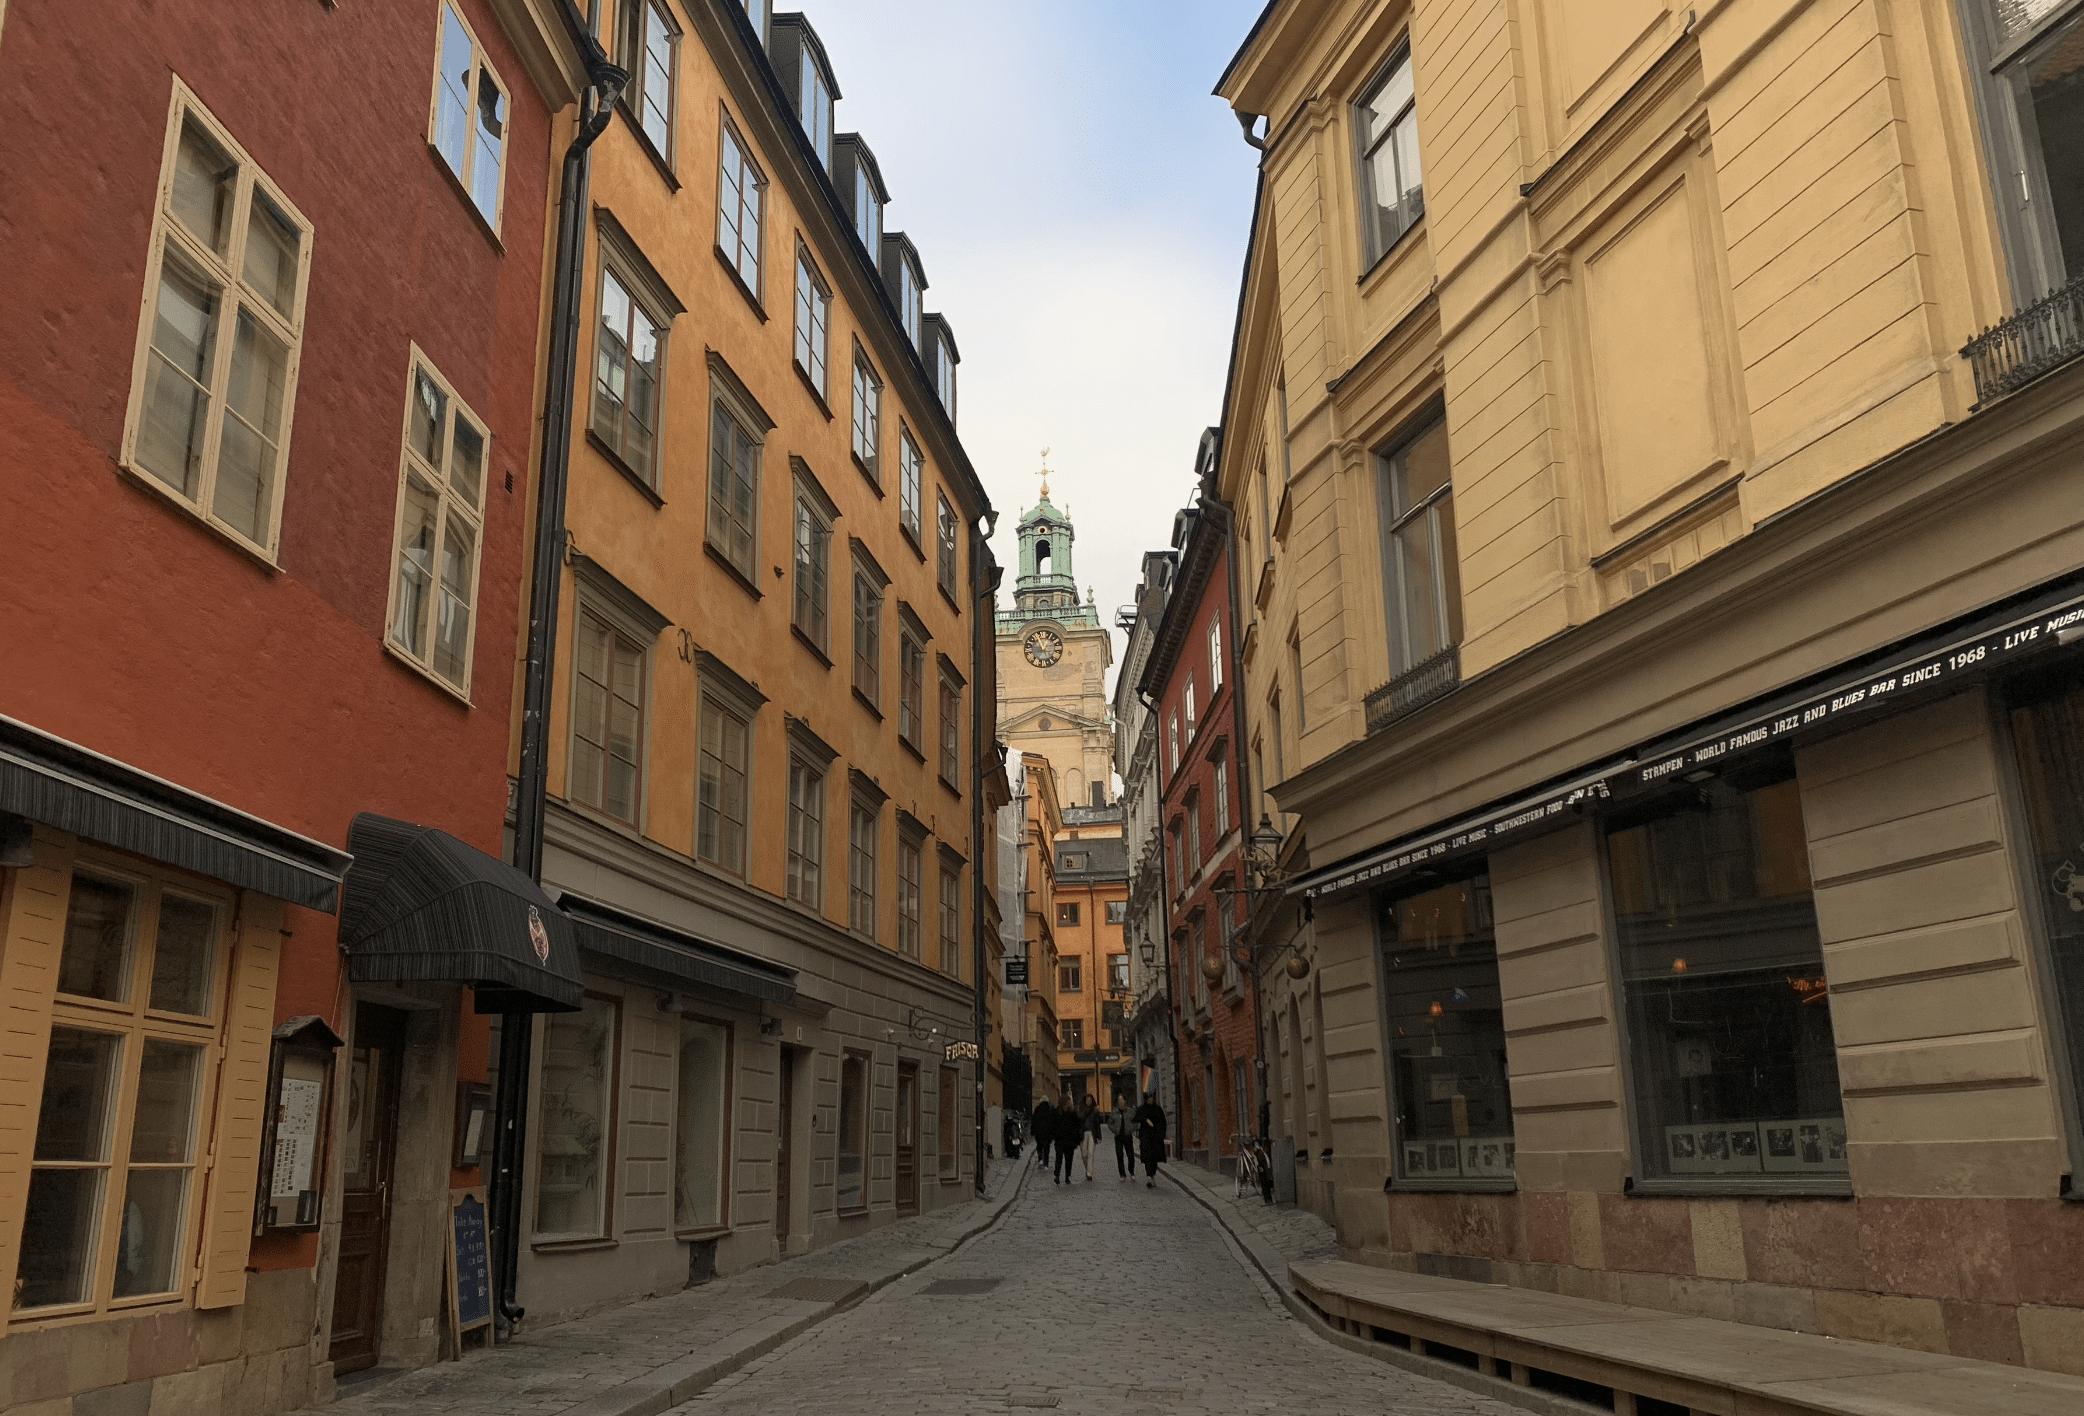 que faire a stockholm : voir les edifices religieux